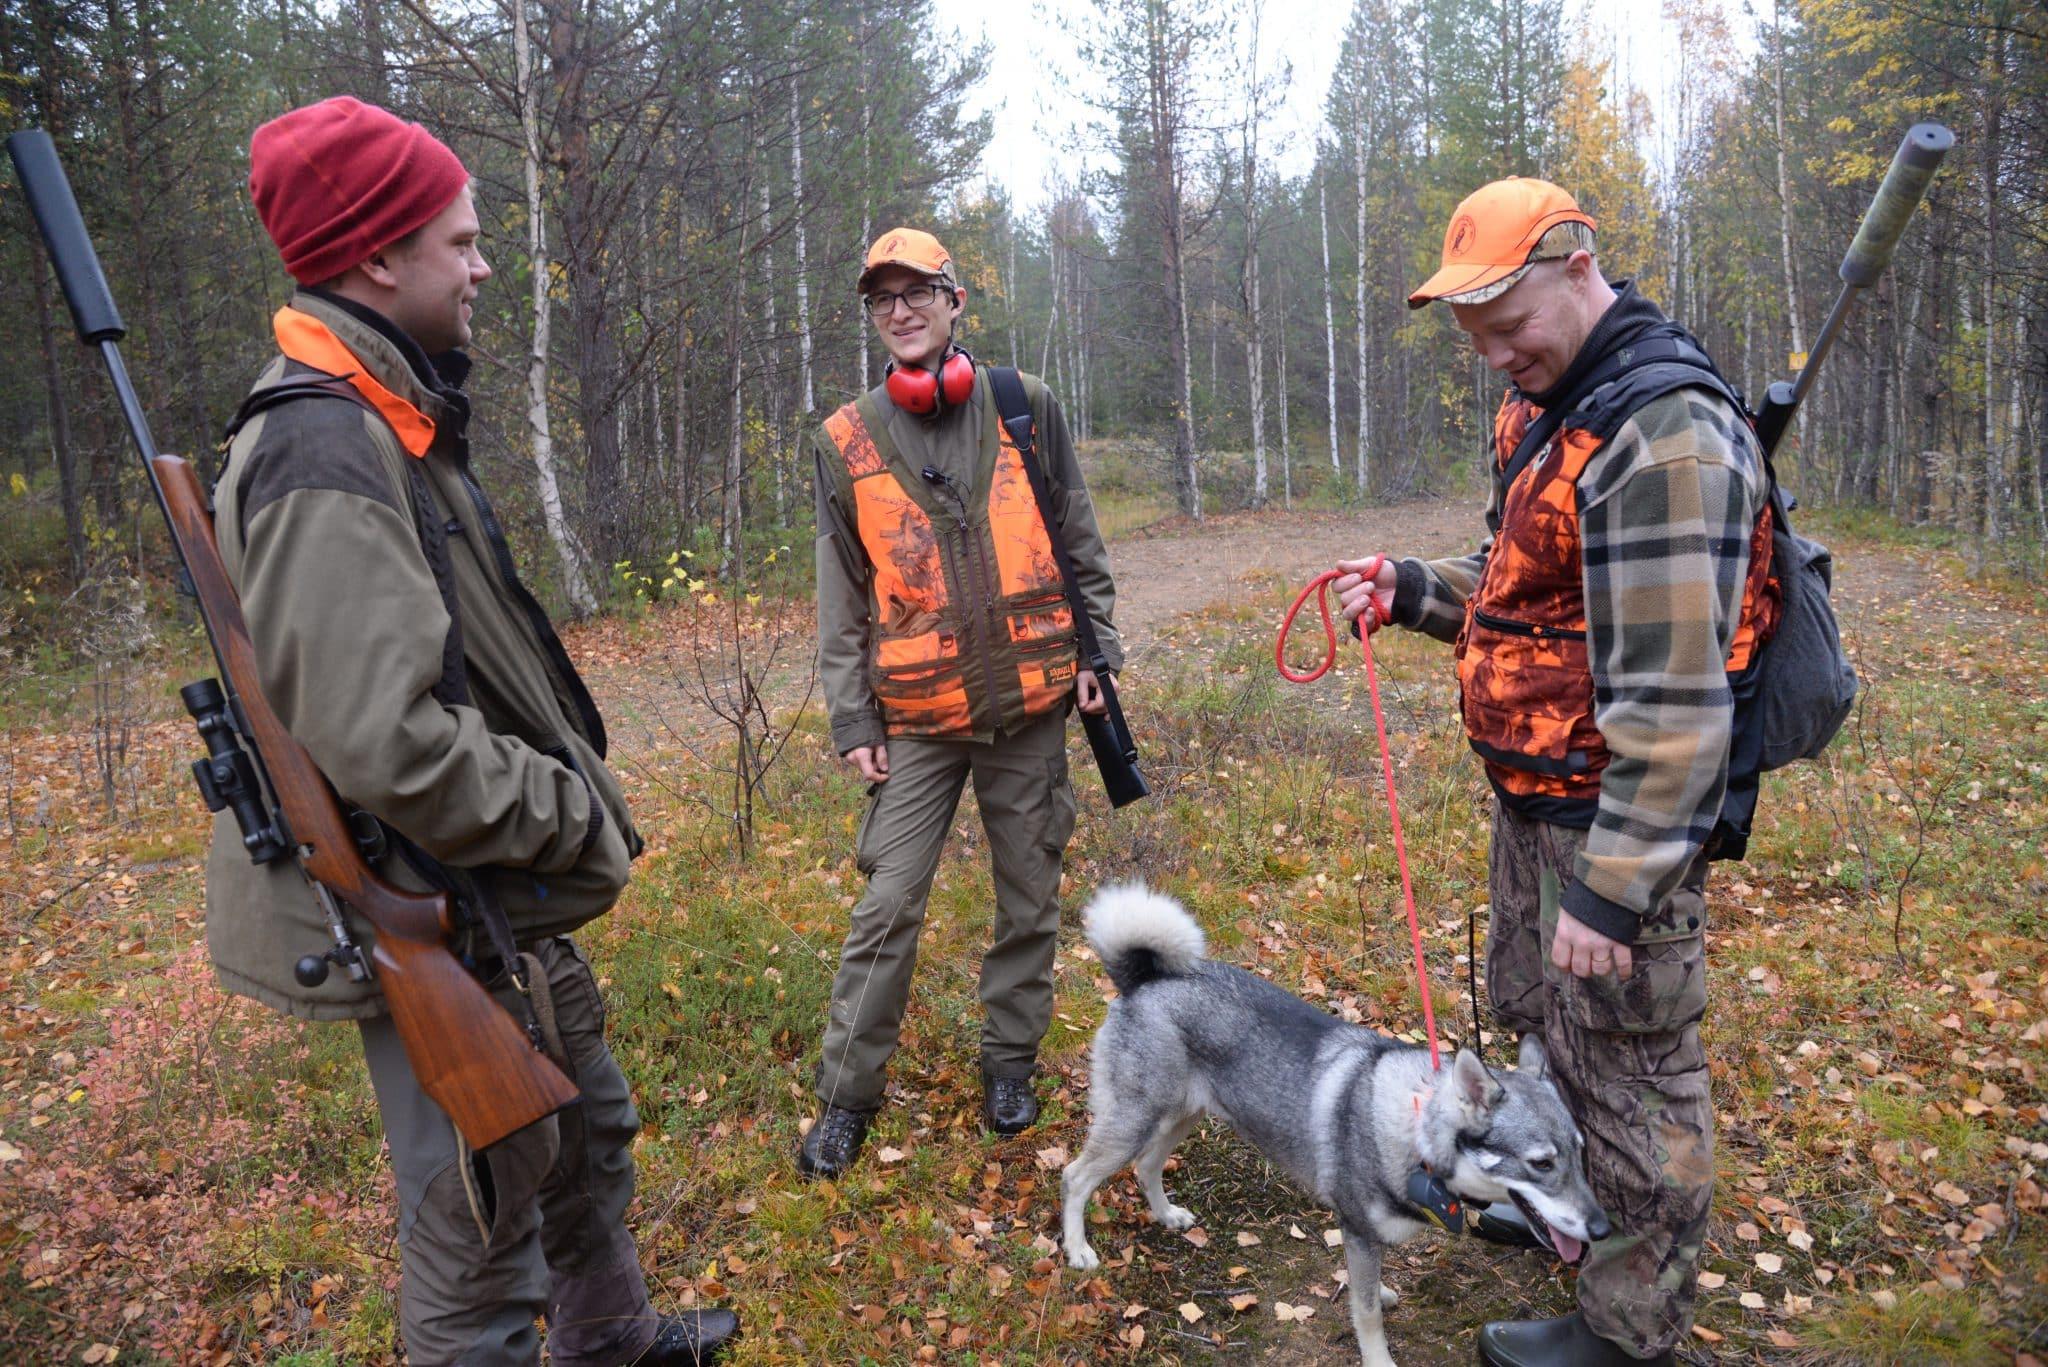 Samhället måste skydda medborgarnas lagliga rättigheter som exempelvis jakt, anser skribenten. Foto: Lars-Henrik Andersson